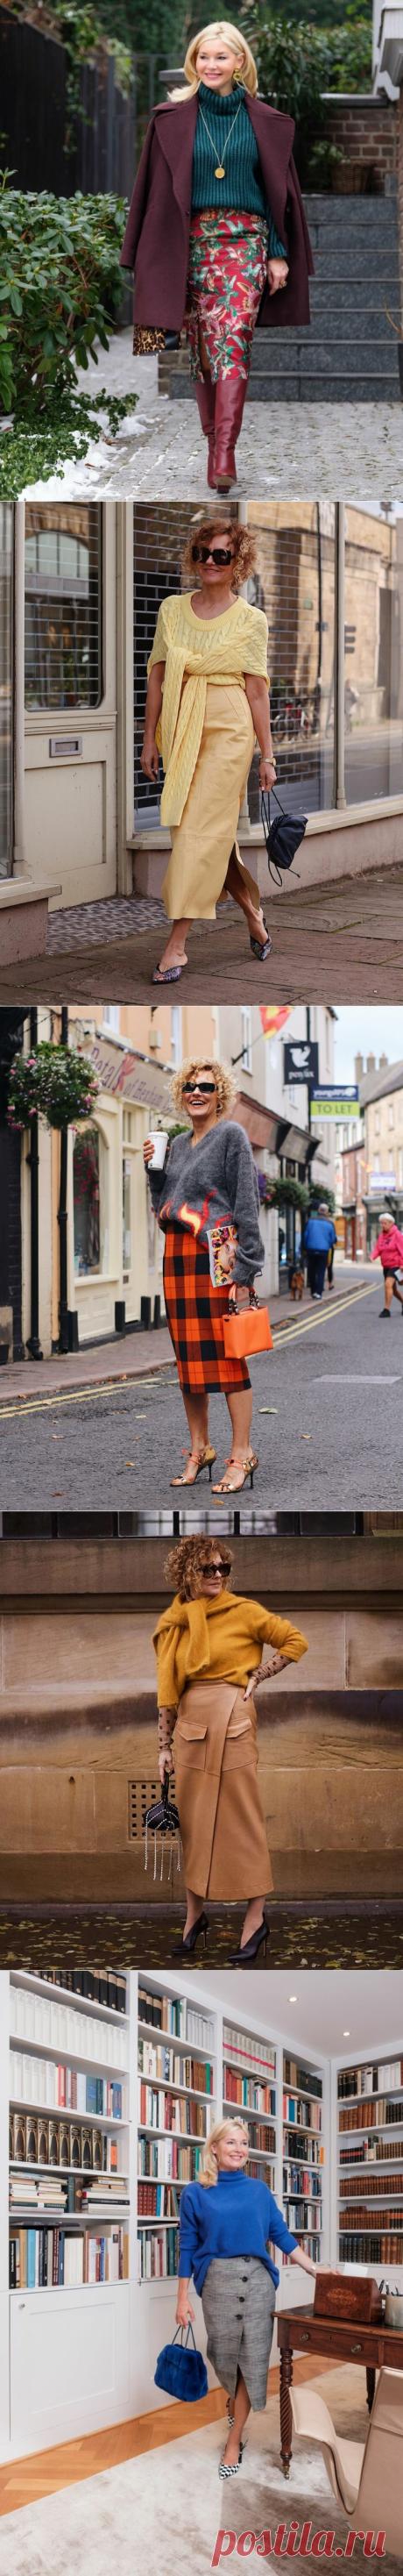 Фасоны юбок, которые красиво смотрятся на женщинах зрелого возраста   LADY DRIVE 🎯   Яндекс Дзен